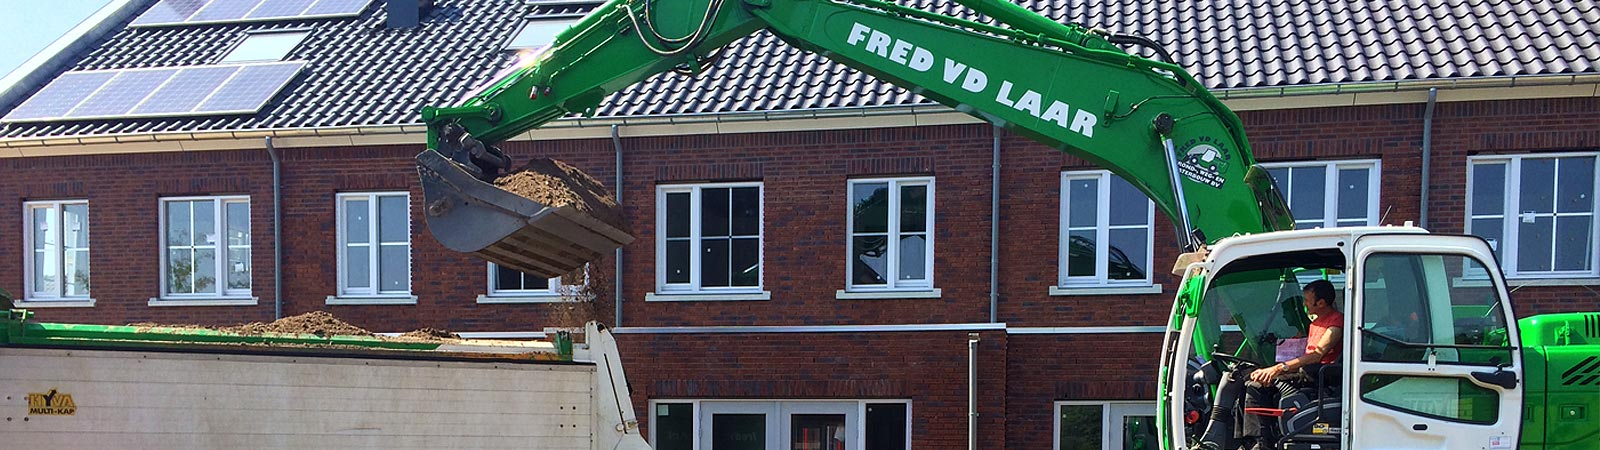 Nieuwbouw woningen grondverzet Fred van de Laar Grond-, weg- en waterbouw door Fred van de Laar BV uit Sint-Oedenrode uit Sint-Oedenrode